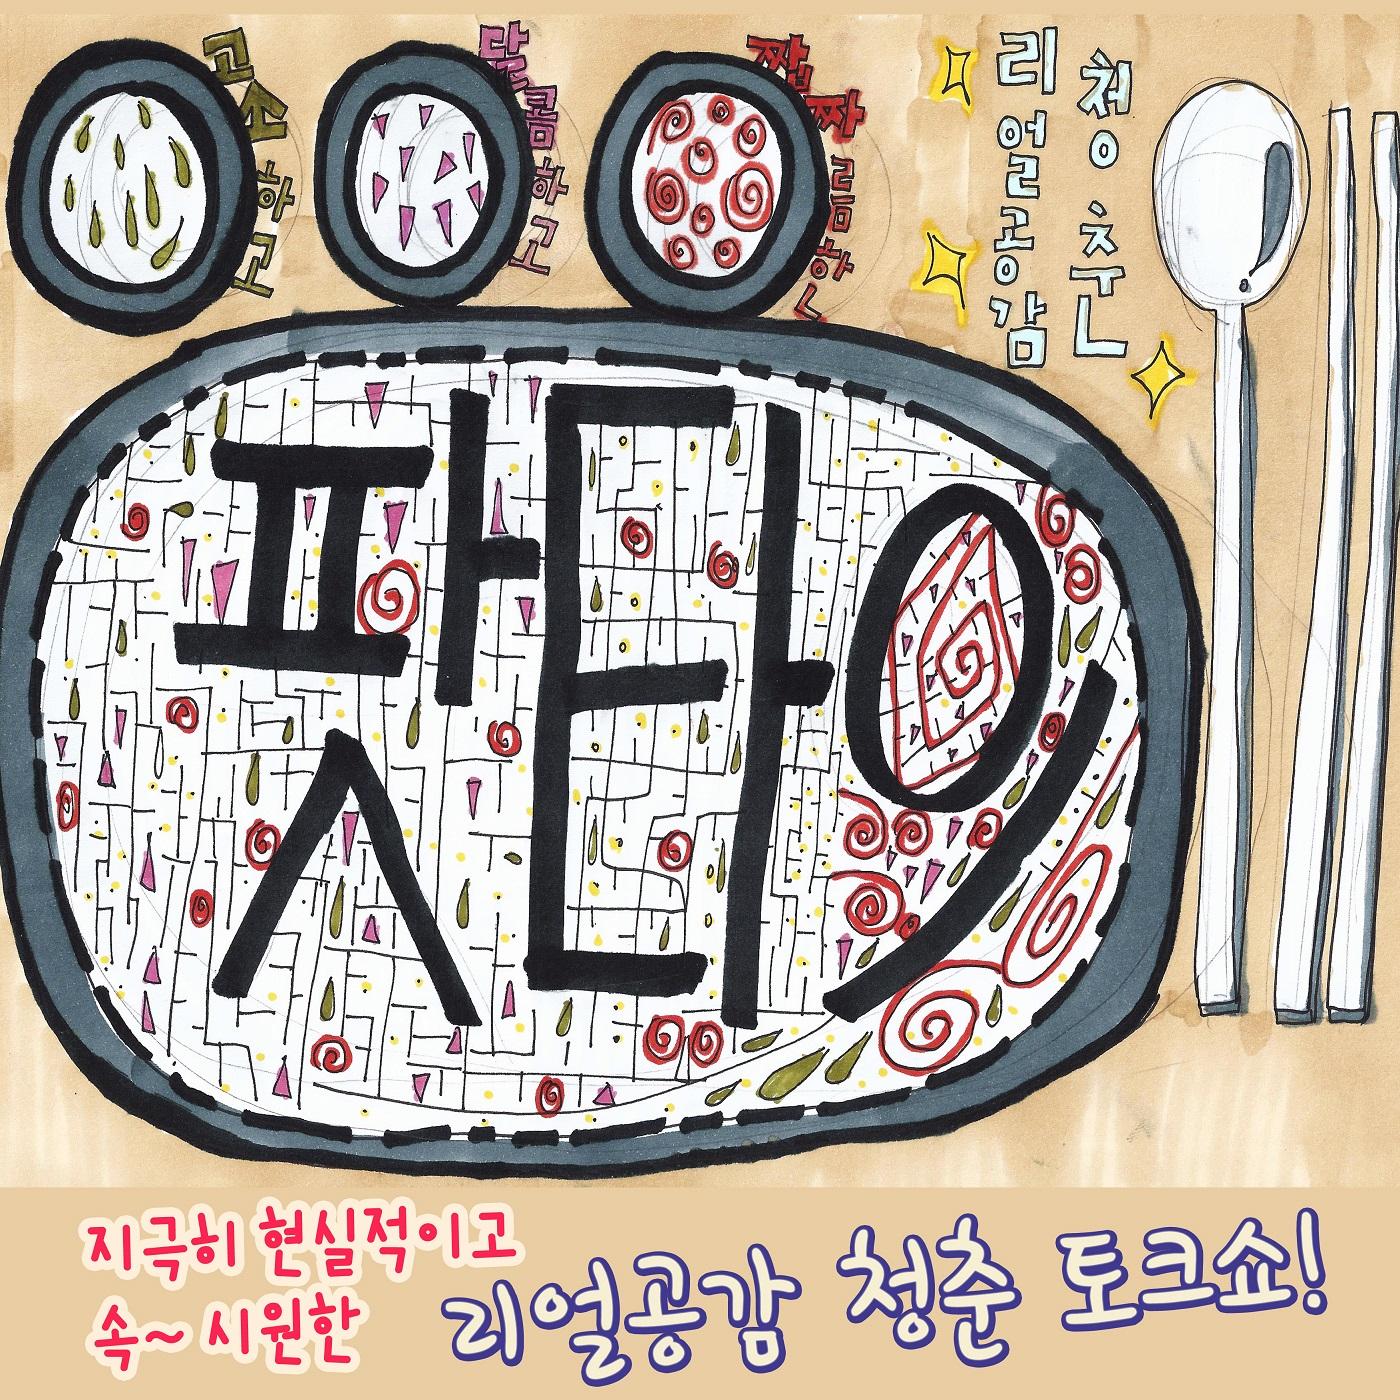 [리얼청춘공감] 고소달콤짭짤 팟타이